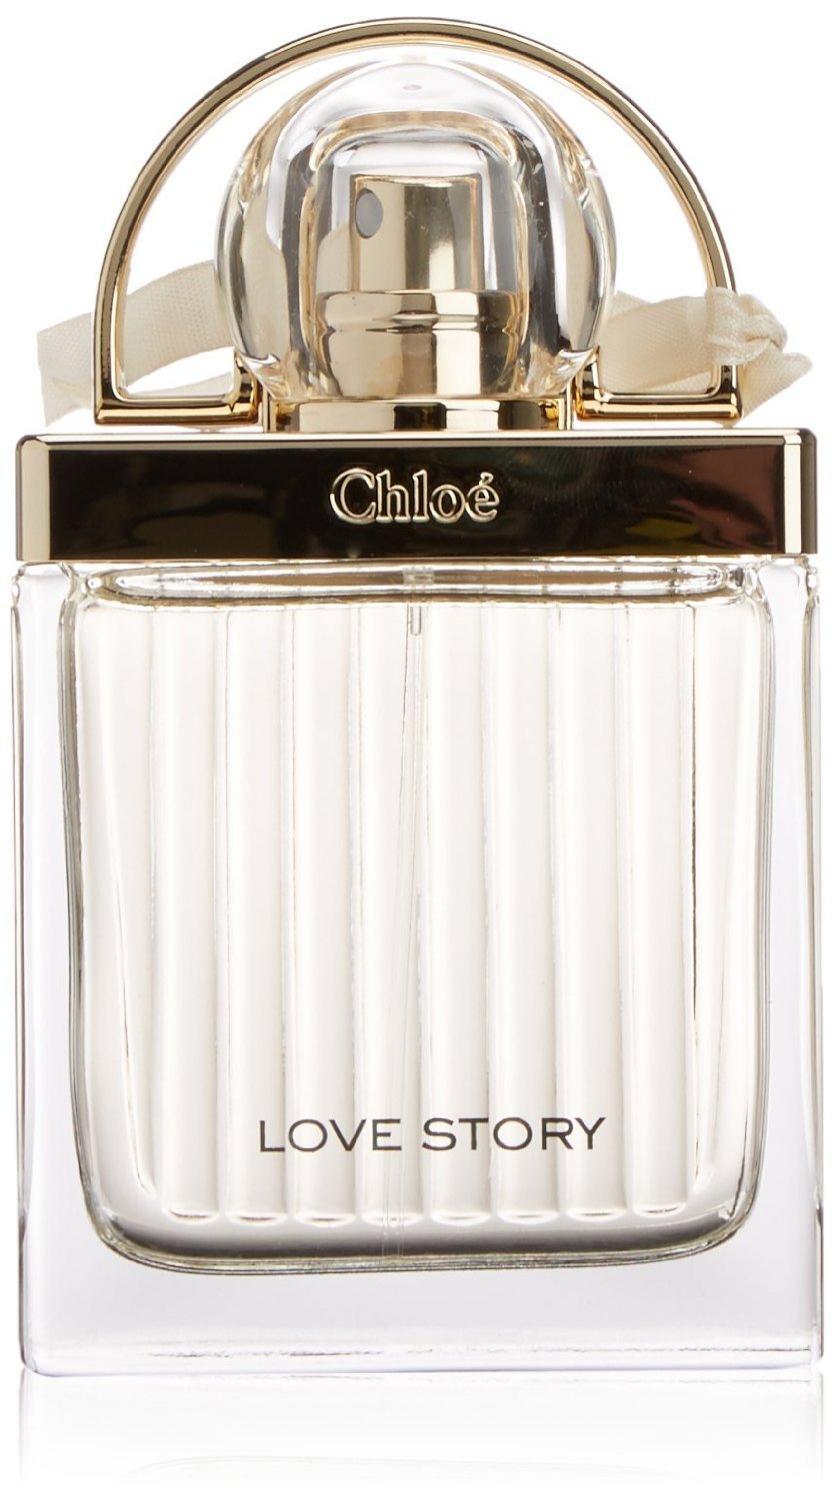 Vaporisateur Eau de parfum Chloé Love Story - 50ml